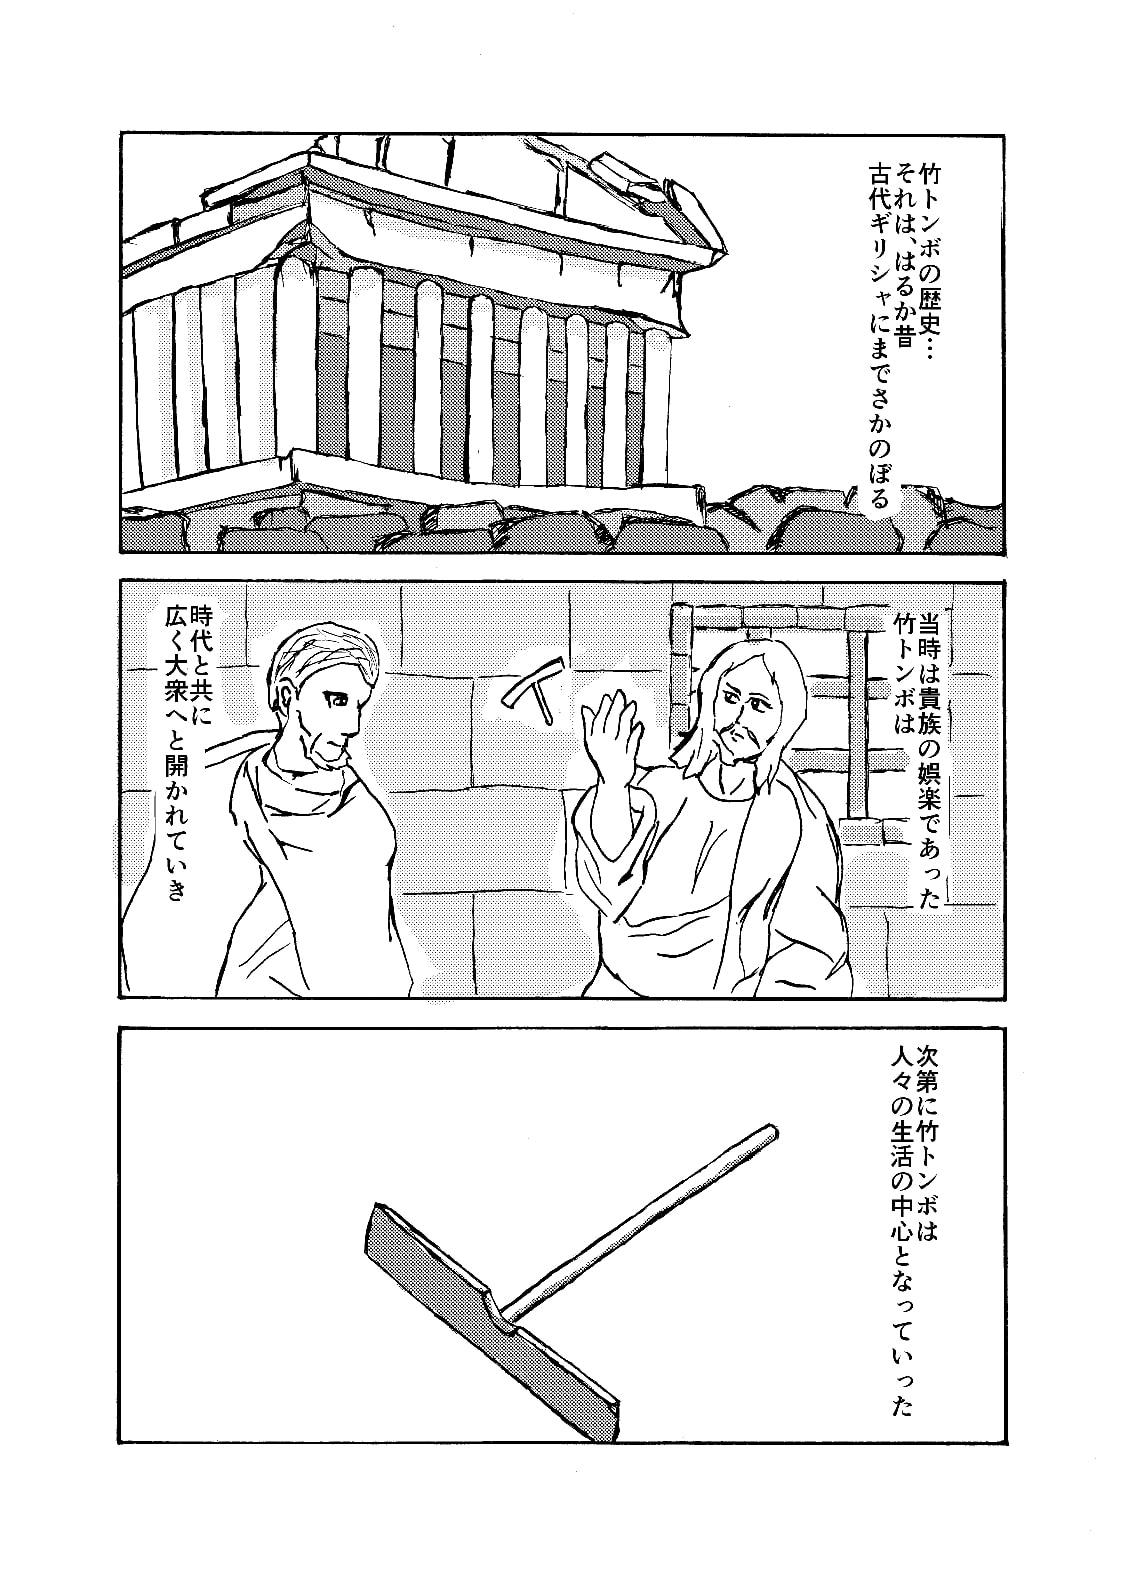 DLsite専売COMIC KEN(デジタルコミック版)